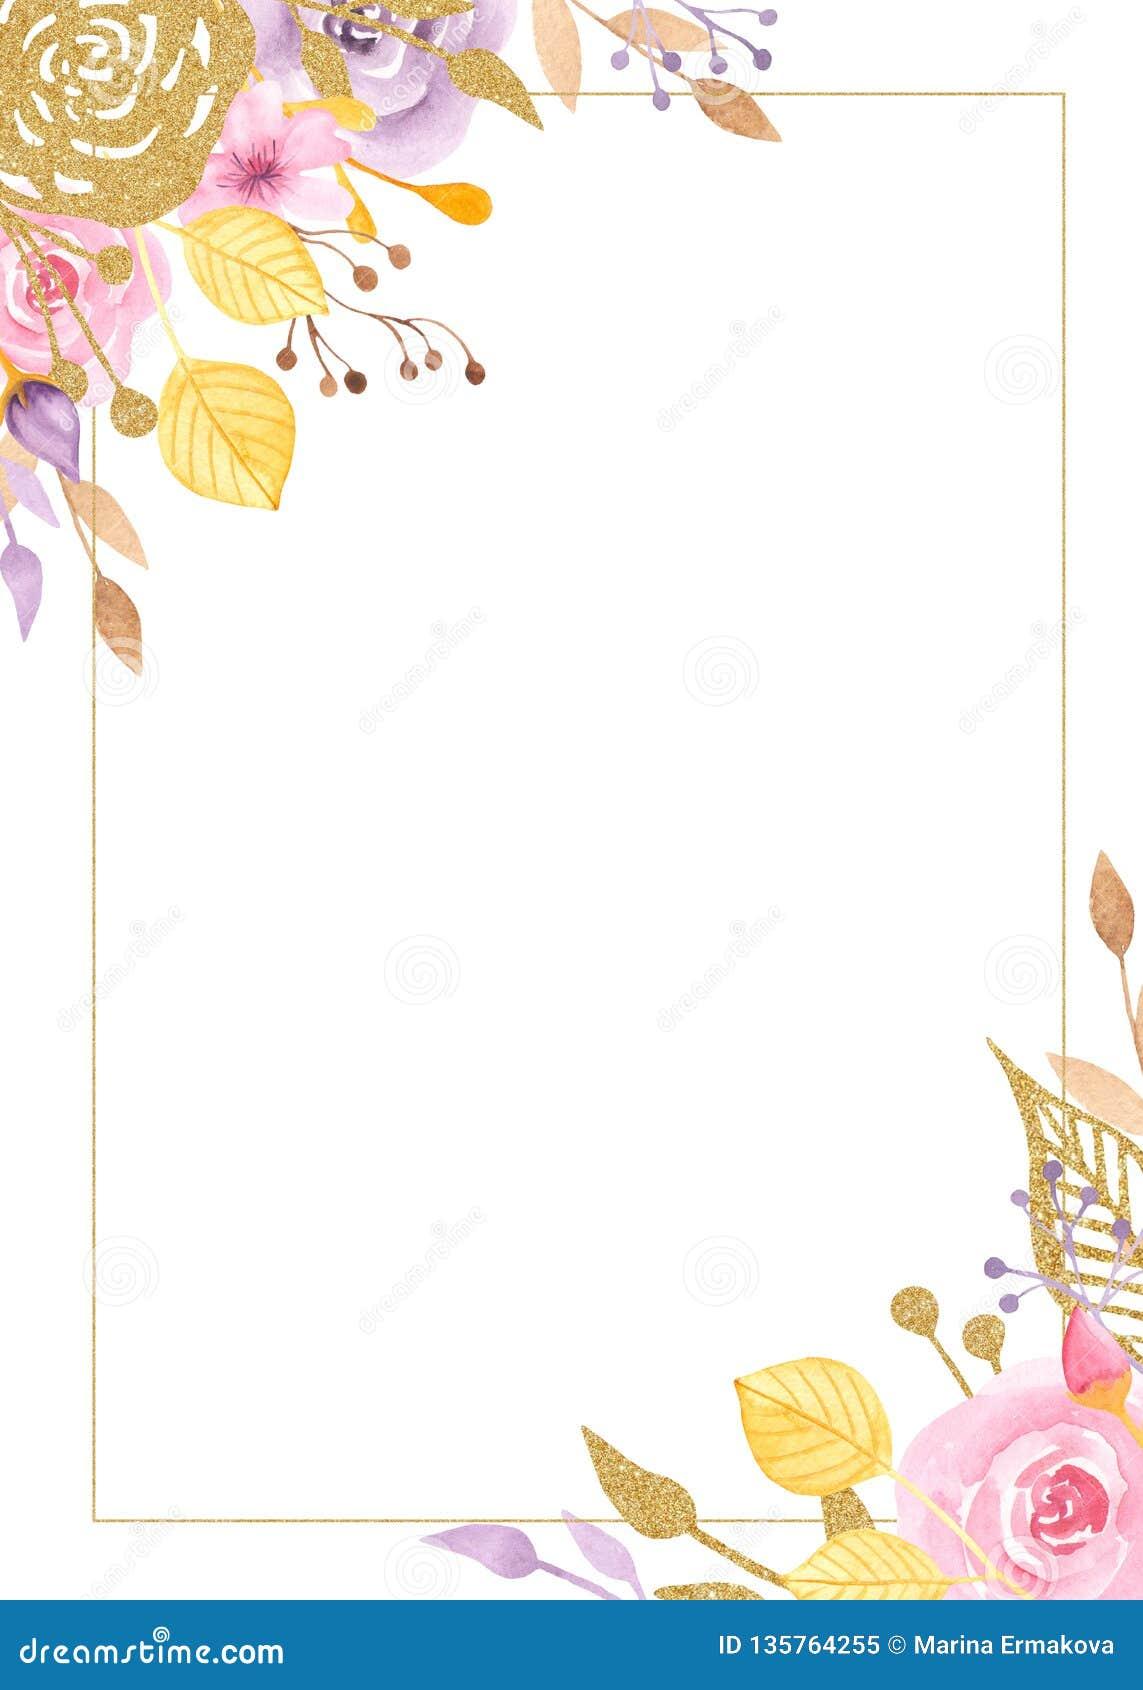 Marco de la acuarela con las flores, rosas, hojas, plantas de oro